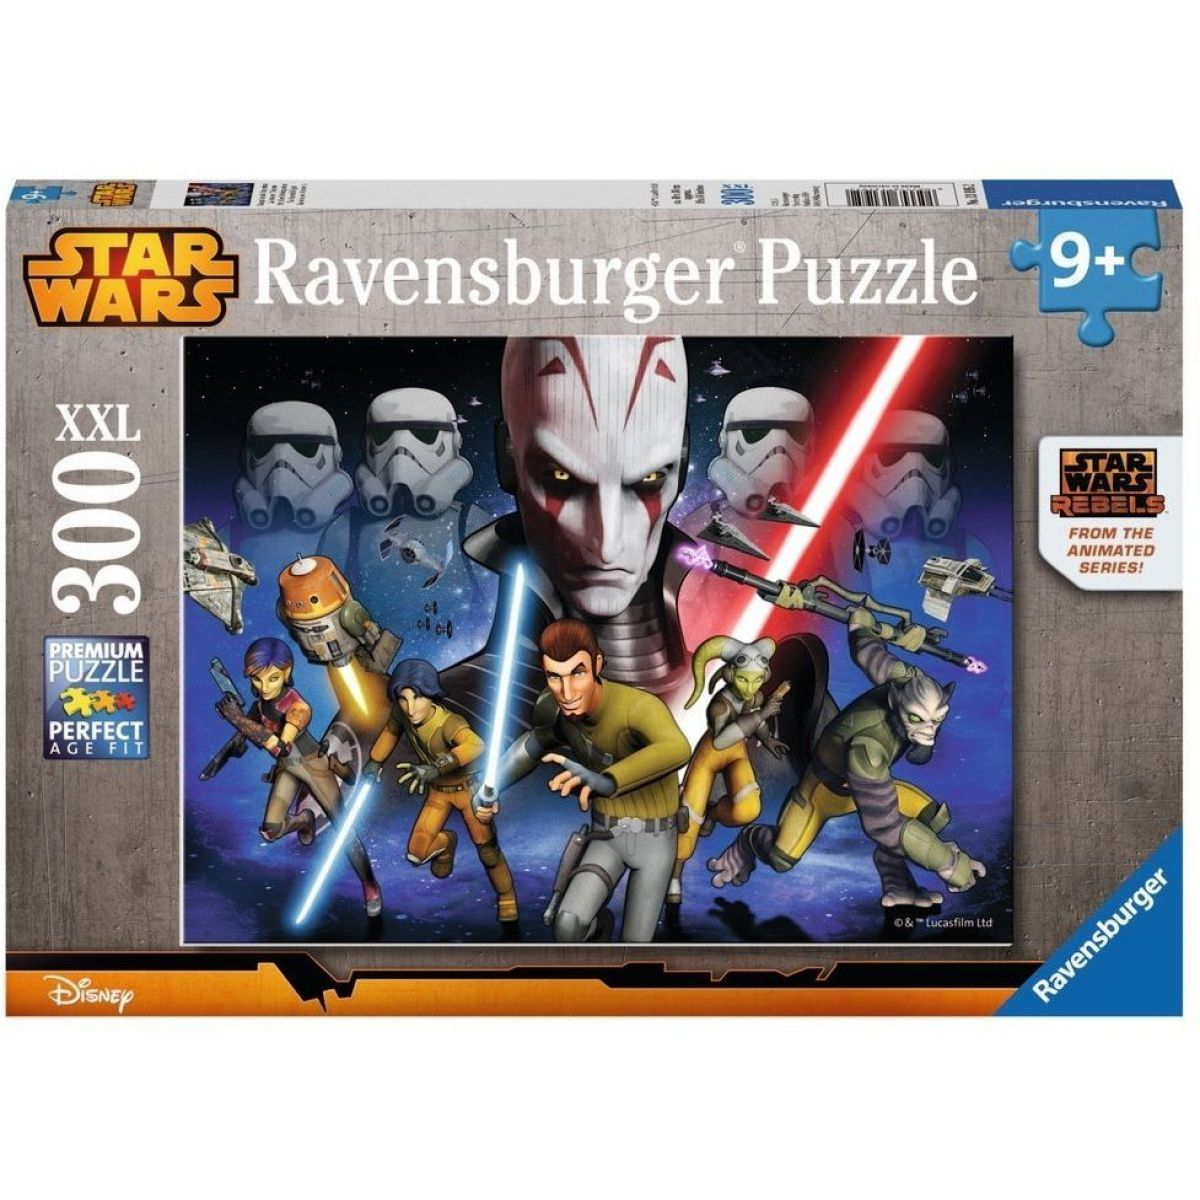 Ravensburger Puzzle XXL Star Wars Rebels 300 dílků